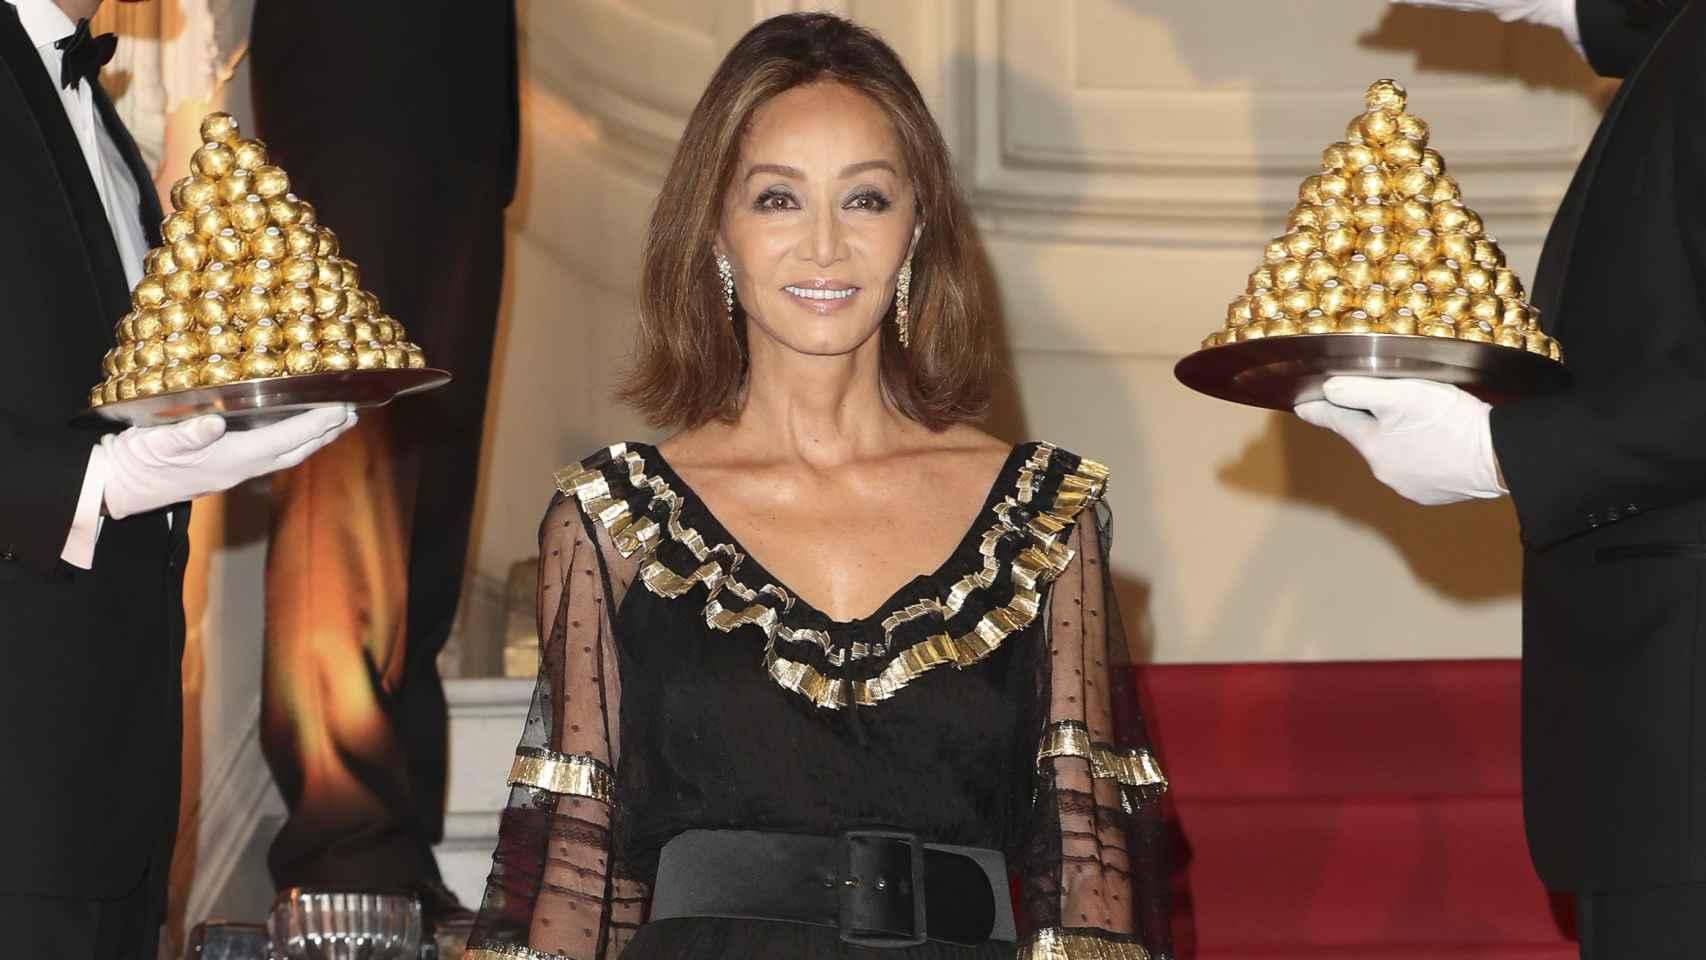 Isabel Preysler ha acudido a la fiesta del 30 aniversario de Ferrero Rocher.